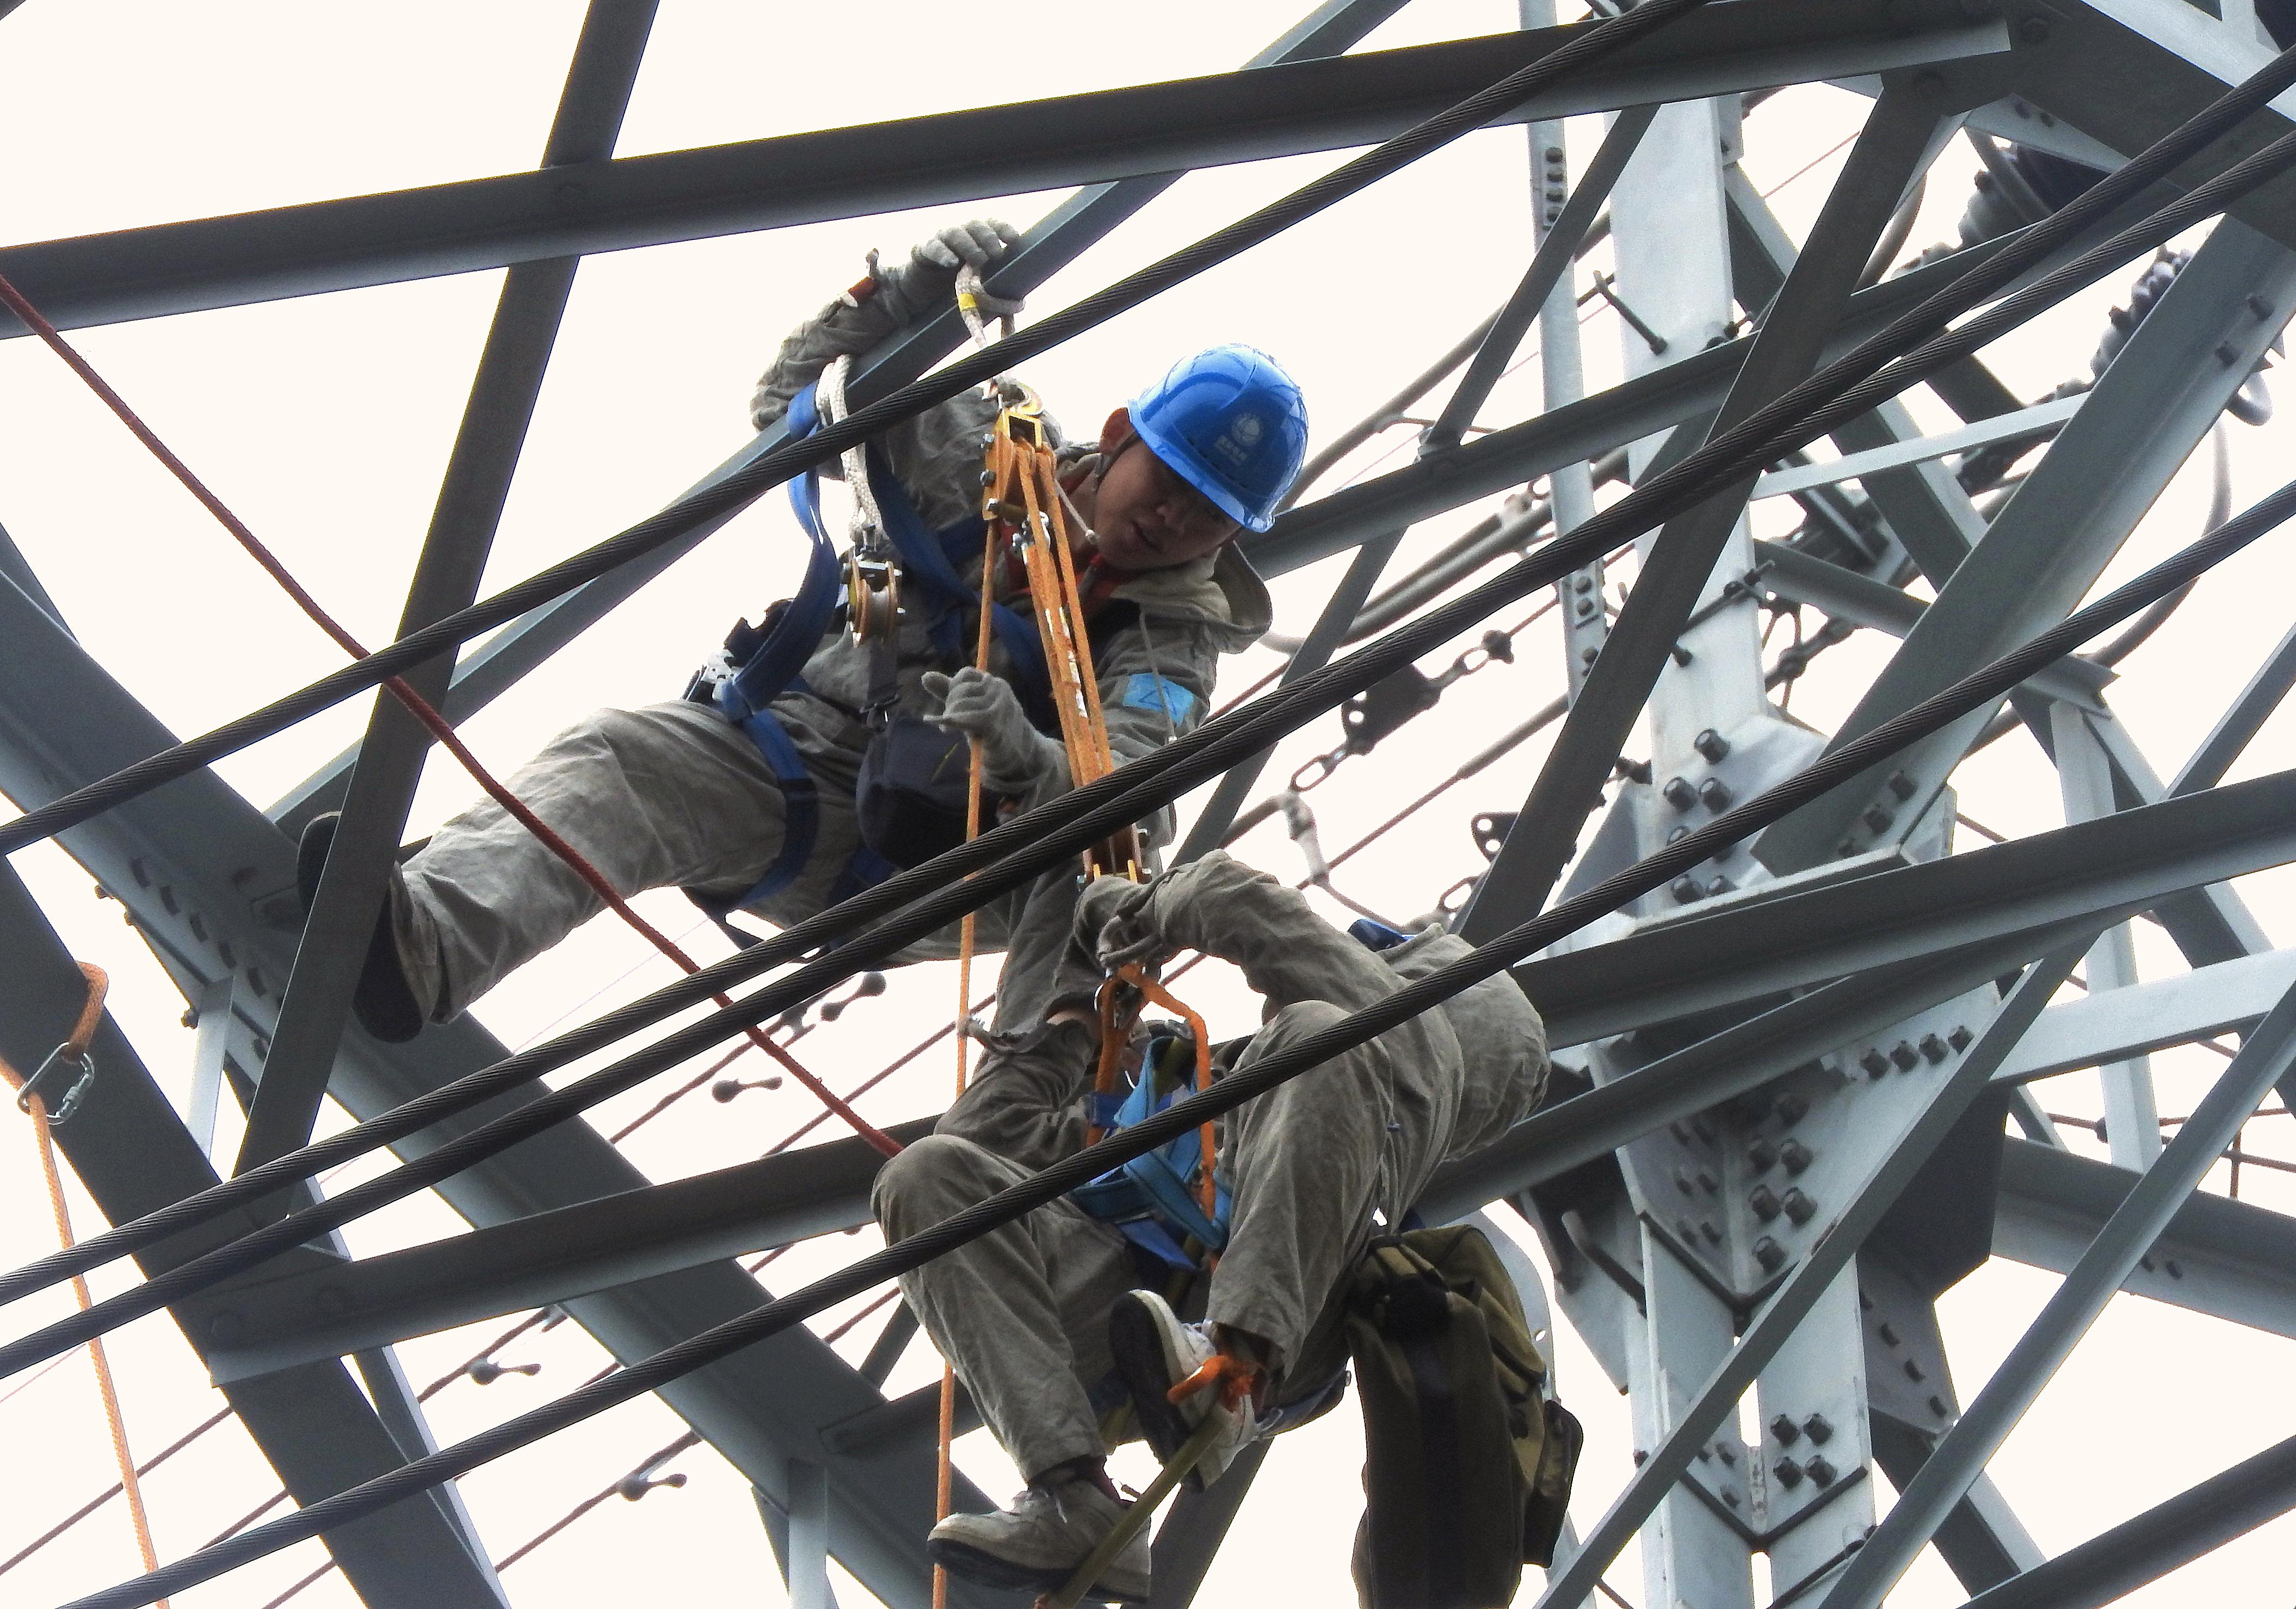 福建电力检修开展新年首次带电作业